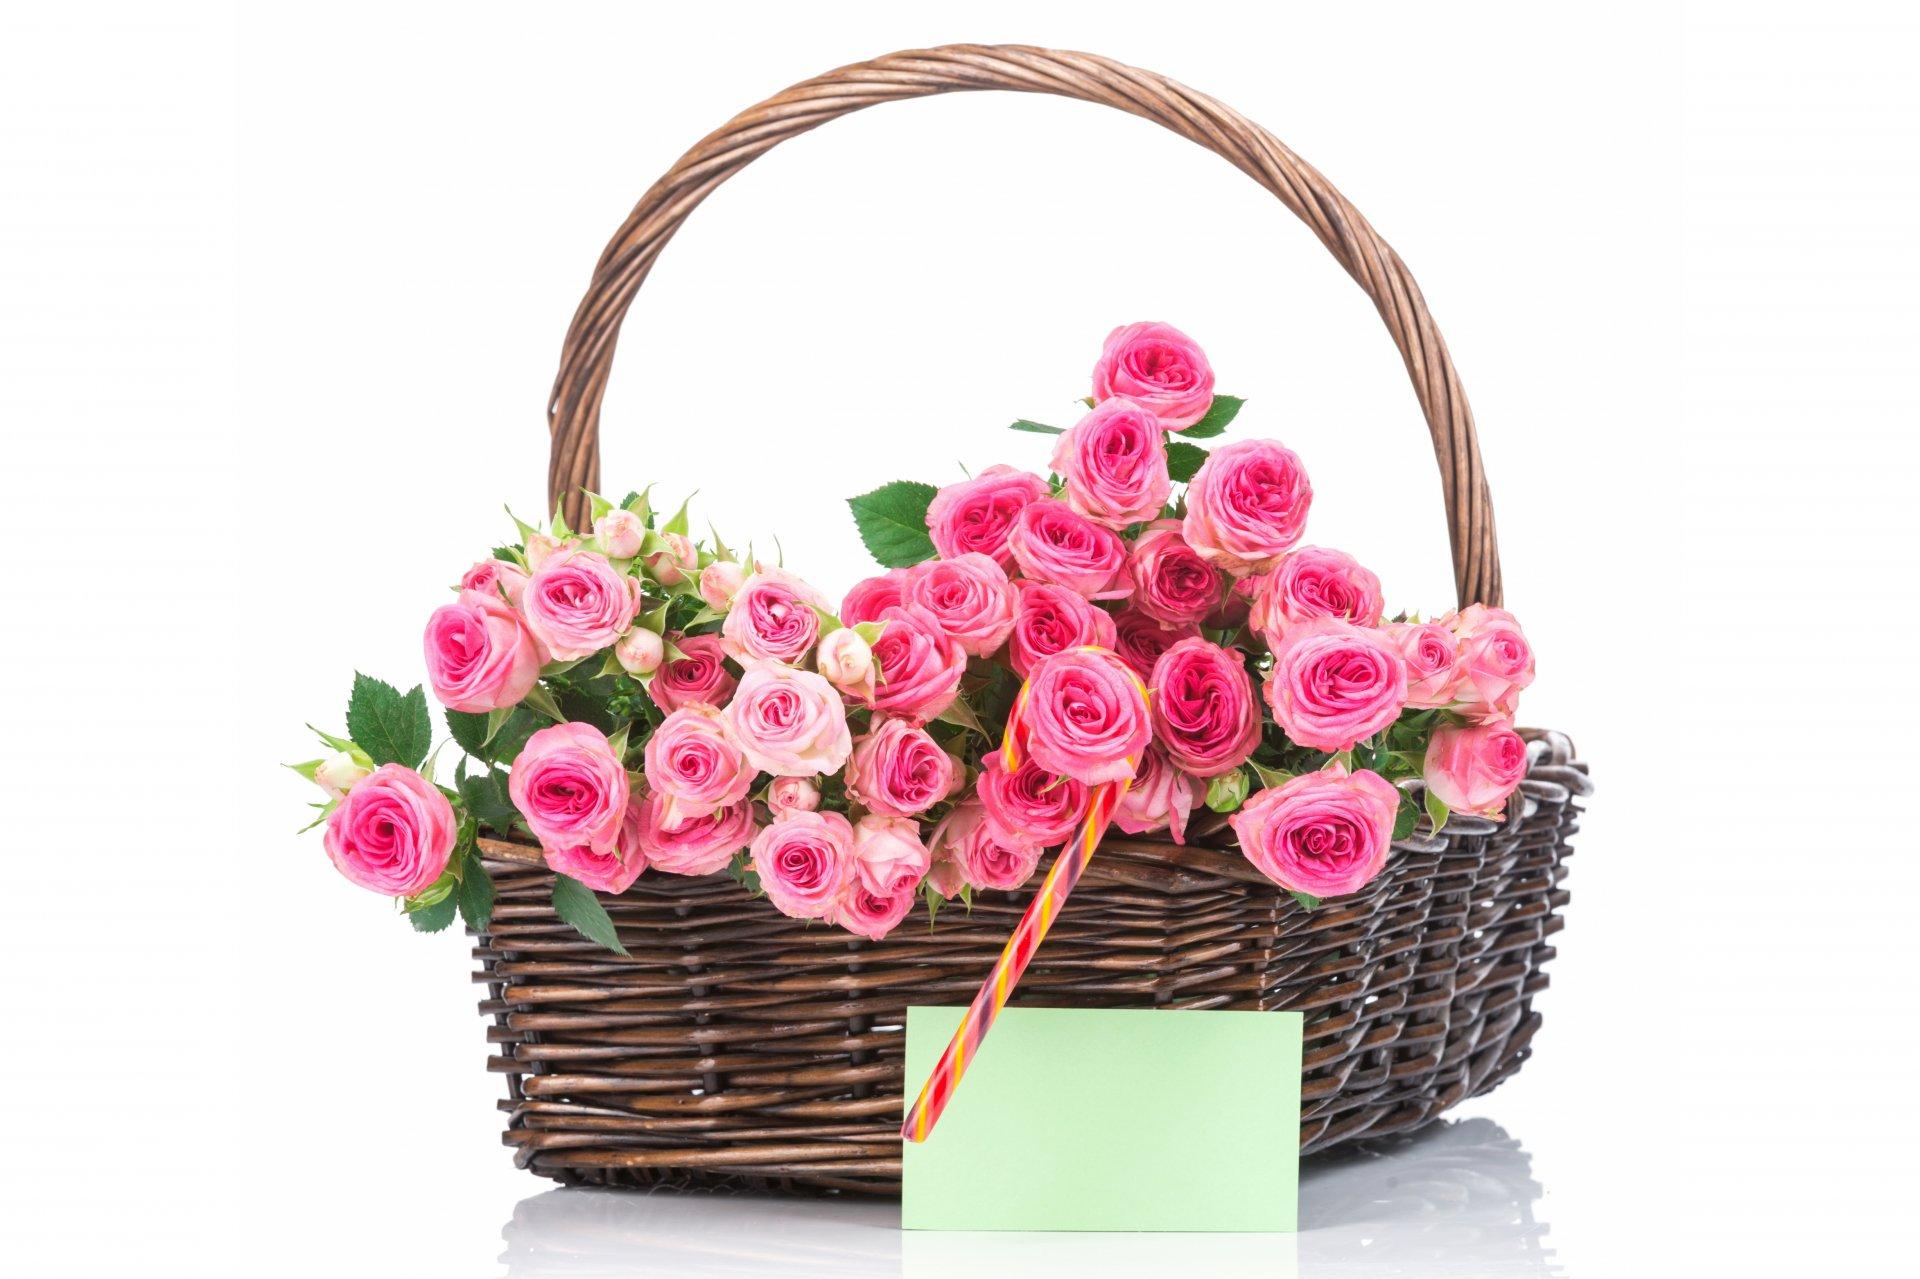 Открытка с днем рождения розы в корзине, оловянной свадьбой